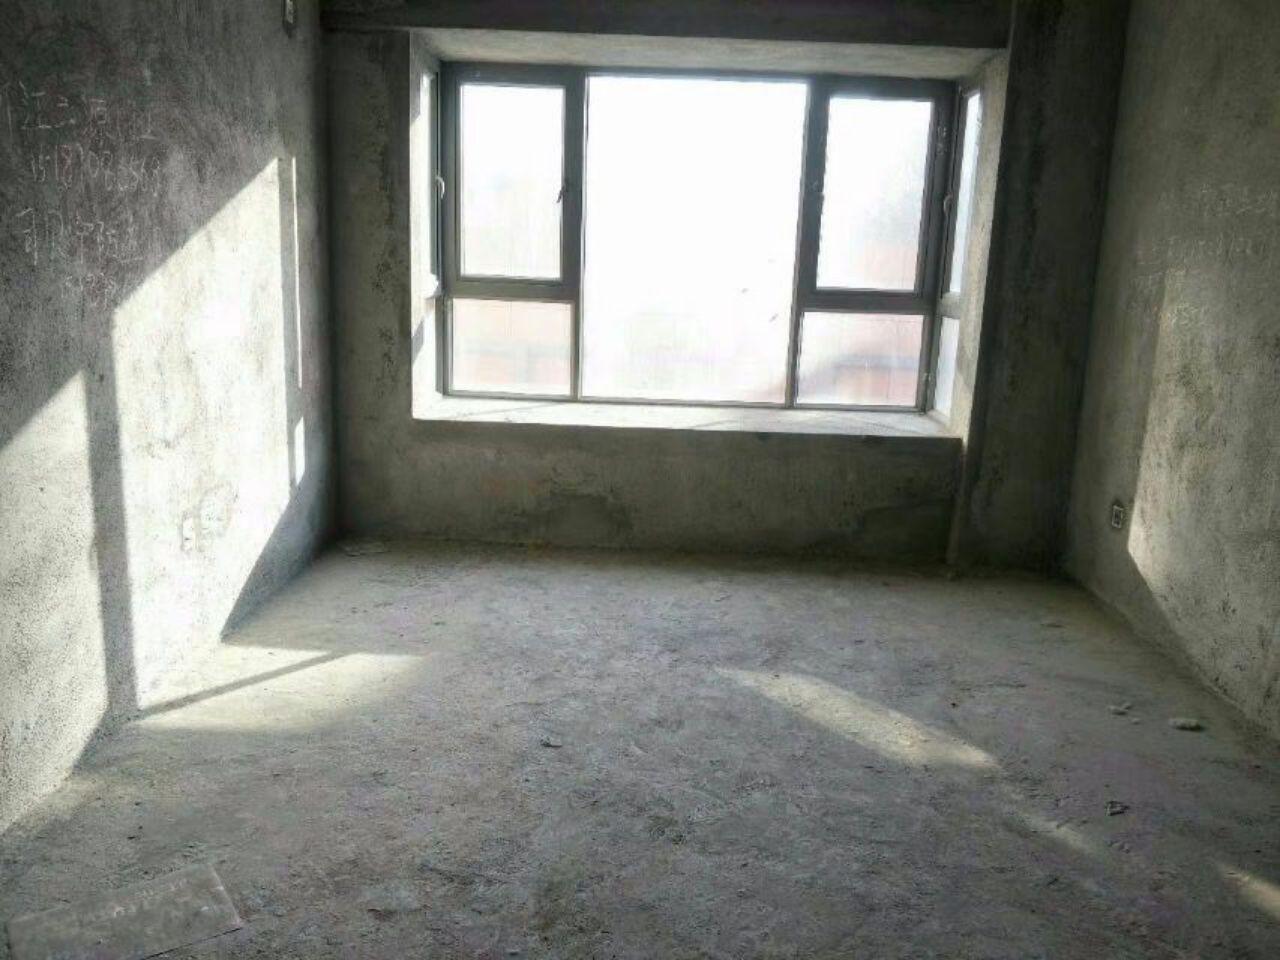 观澜湖3室 2厅 2卫66万元外带100平的大坝子